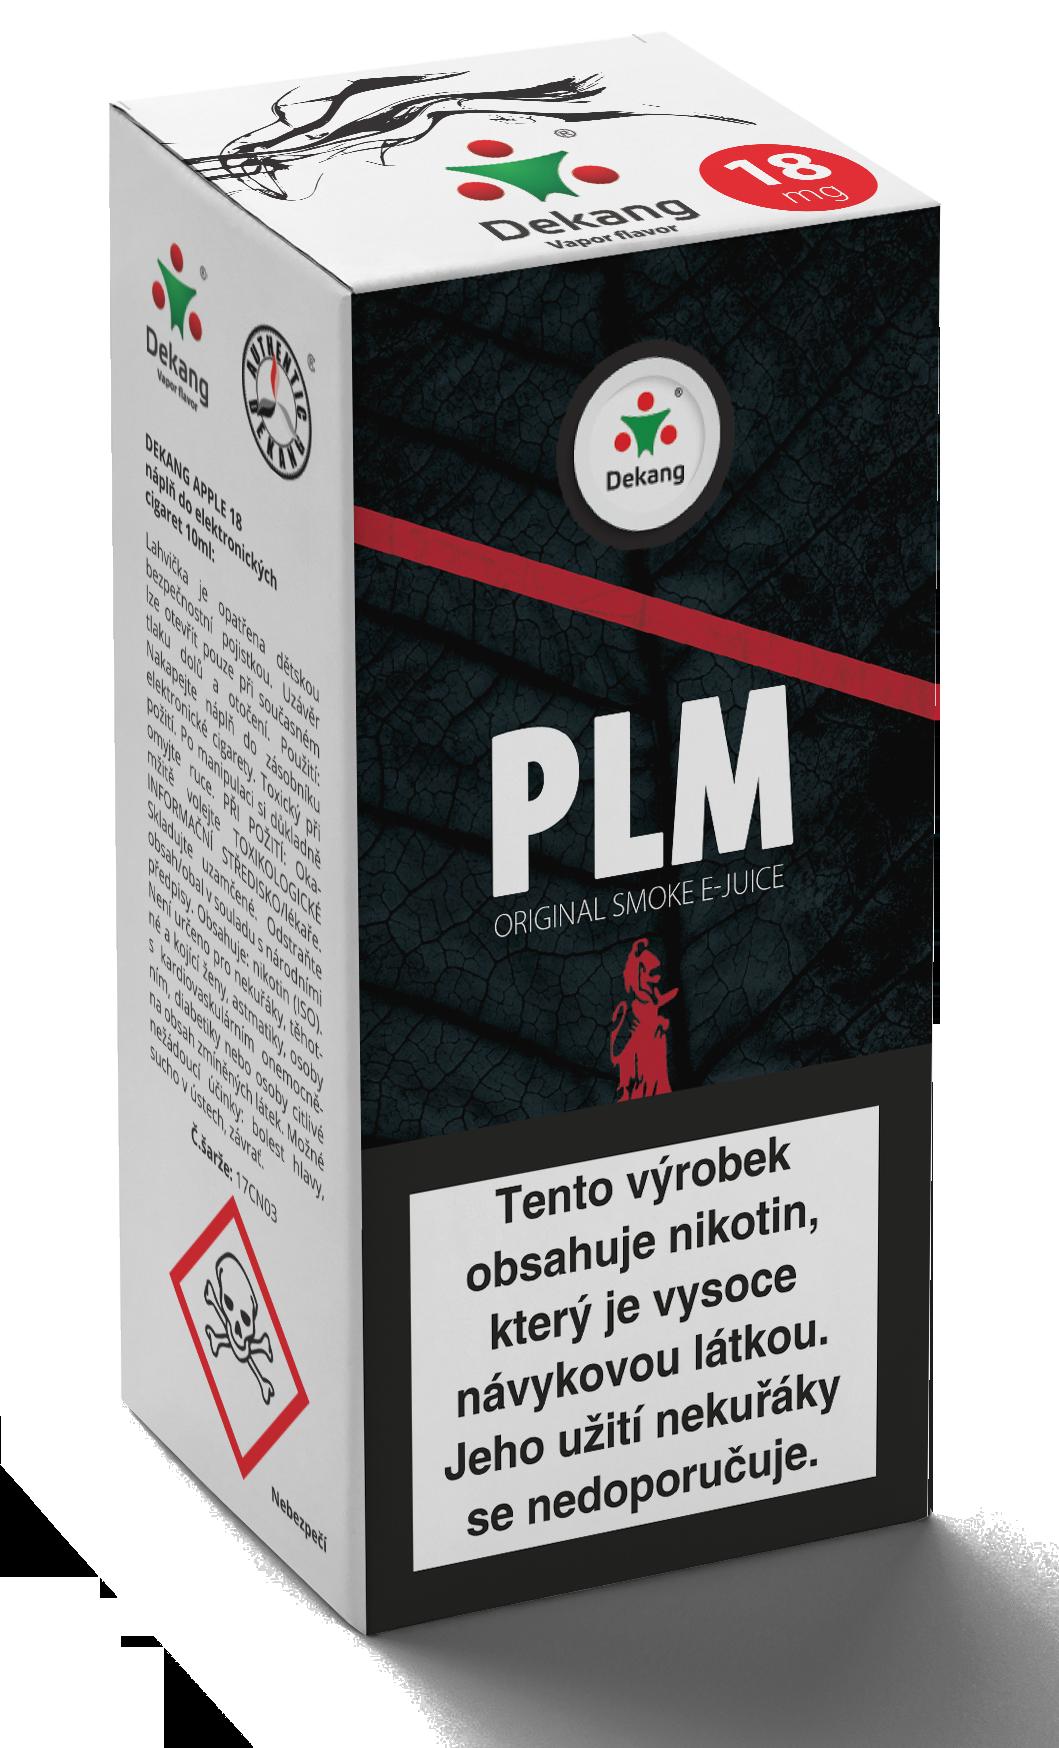 E-liquid Dekang 10ml PLM Množství nikotinu: 11mg